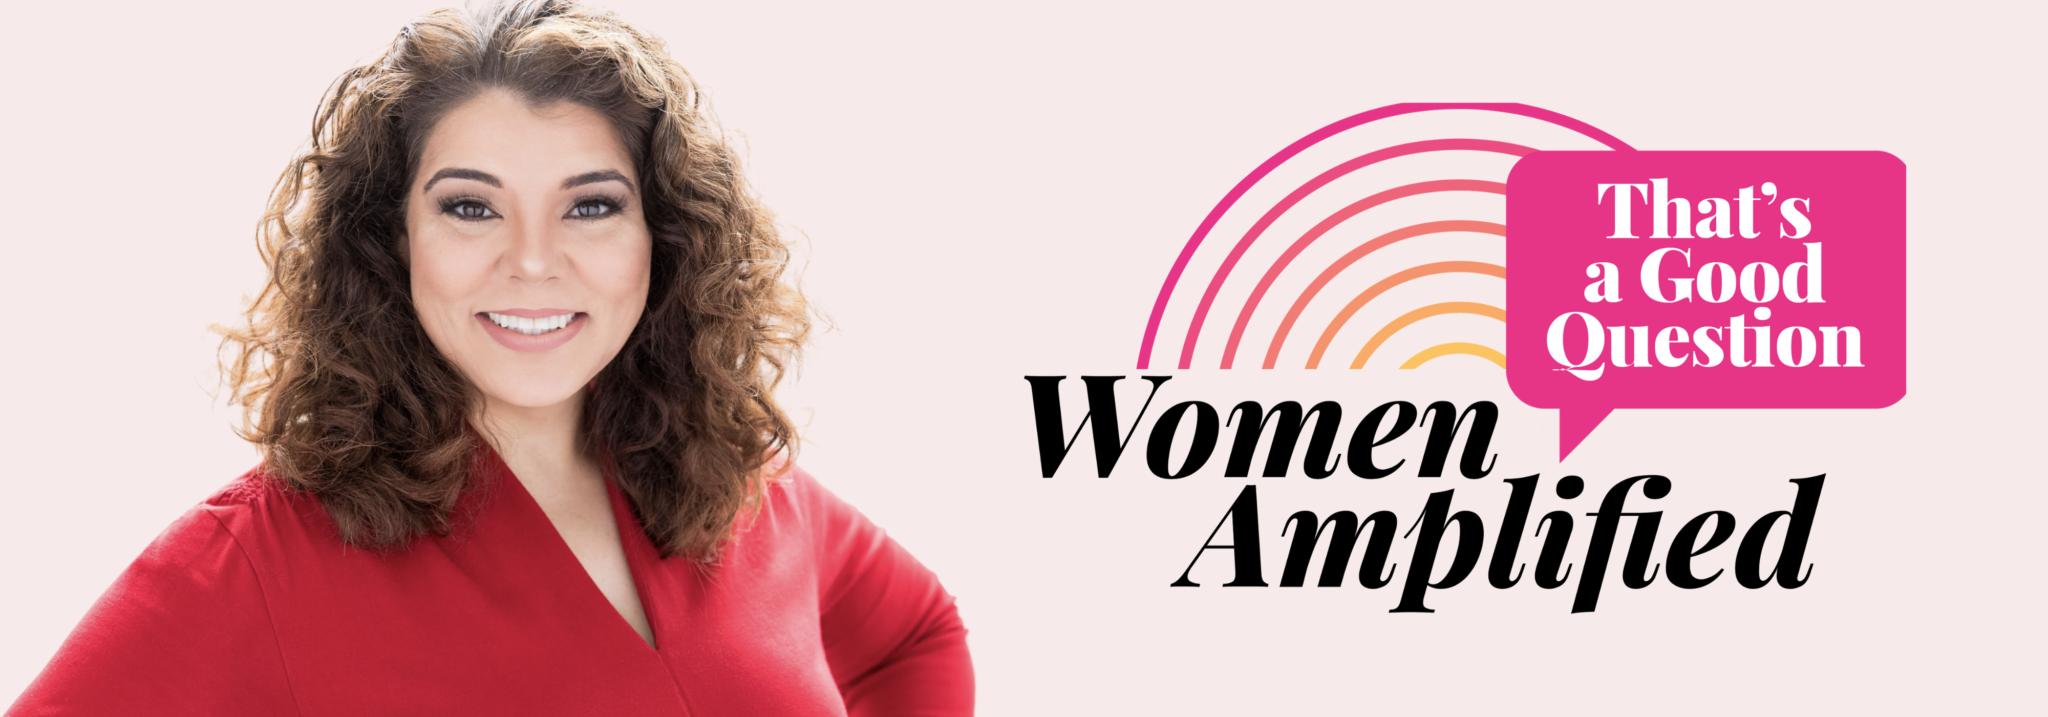 Women Amplified with Celeste Headlee